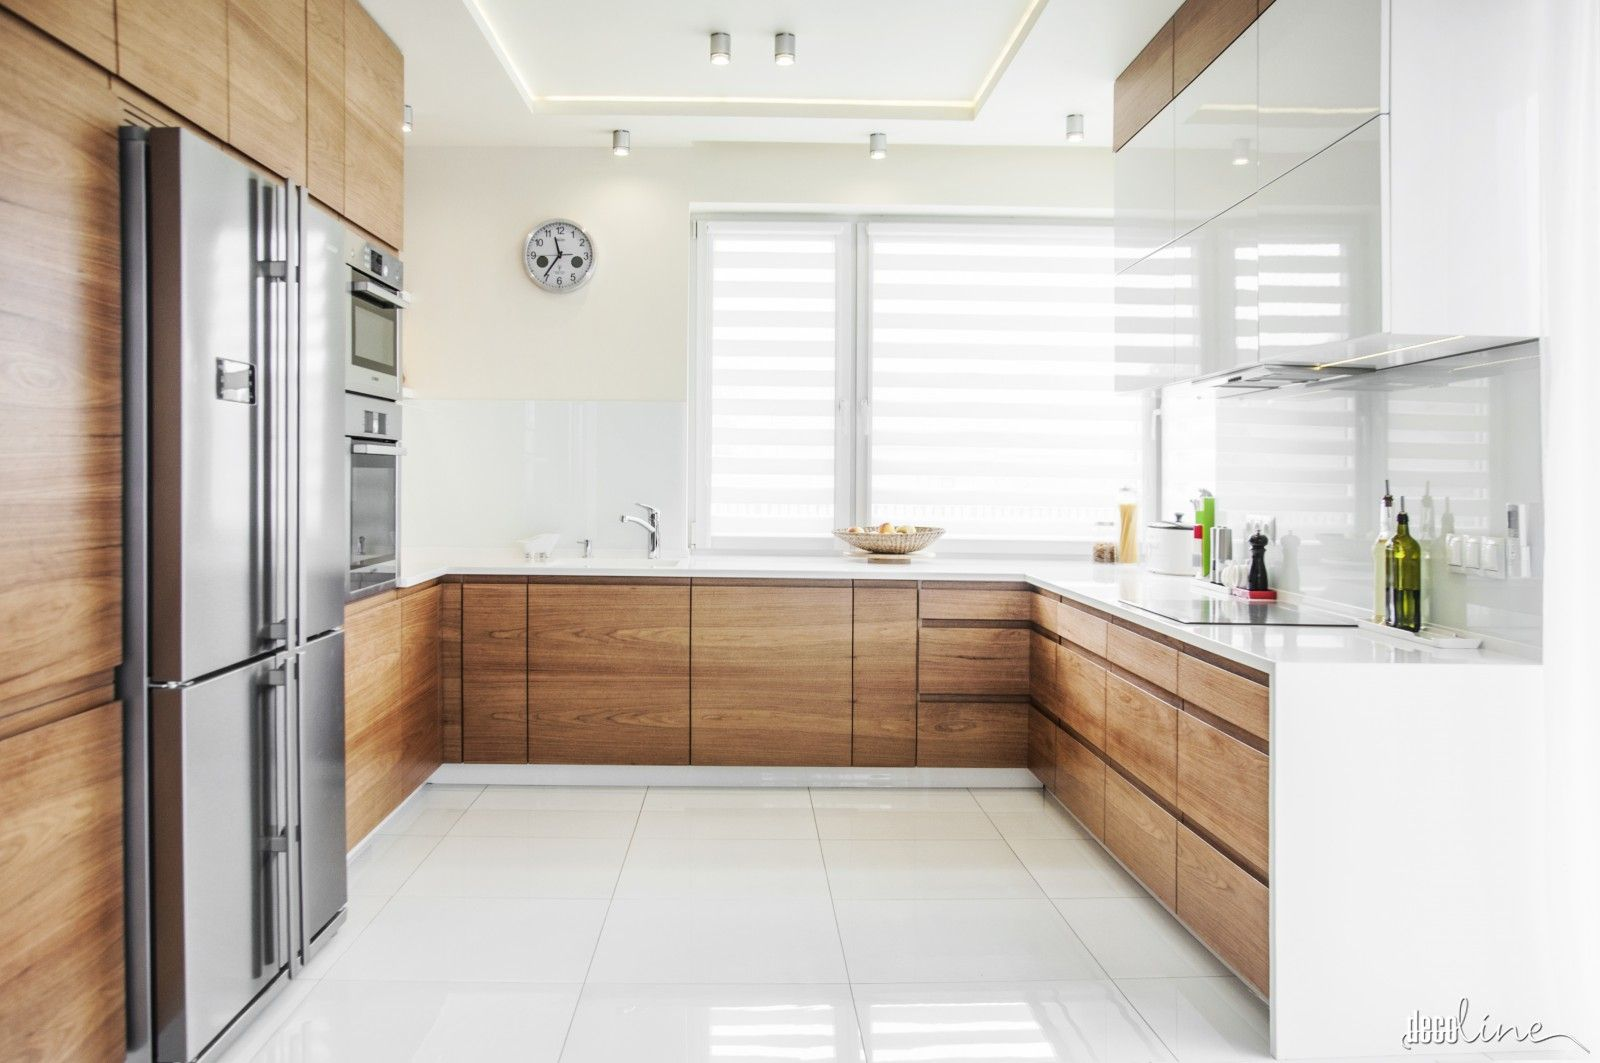 KUCHNIA  FORNIR I BIEL  Białe Kuchnie  Pinterest  Hus -> Biala Kuchnia Fornir